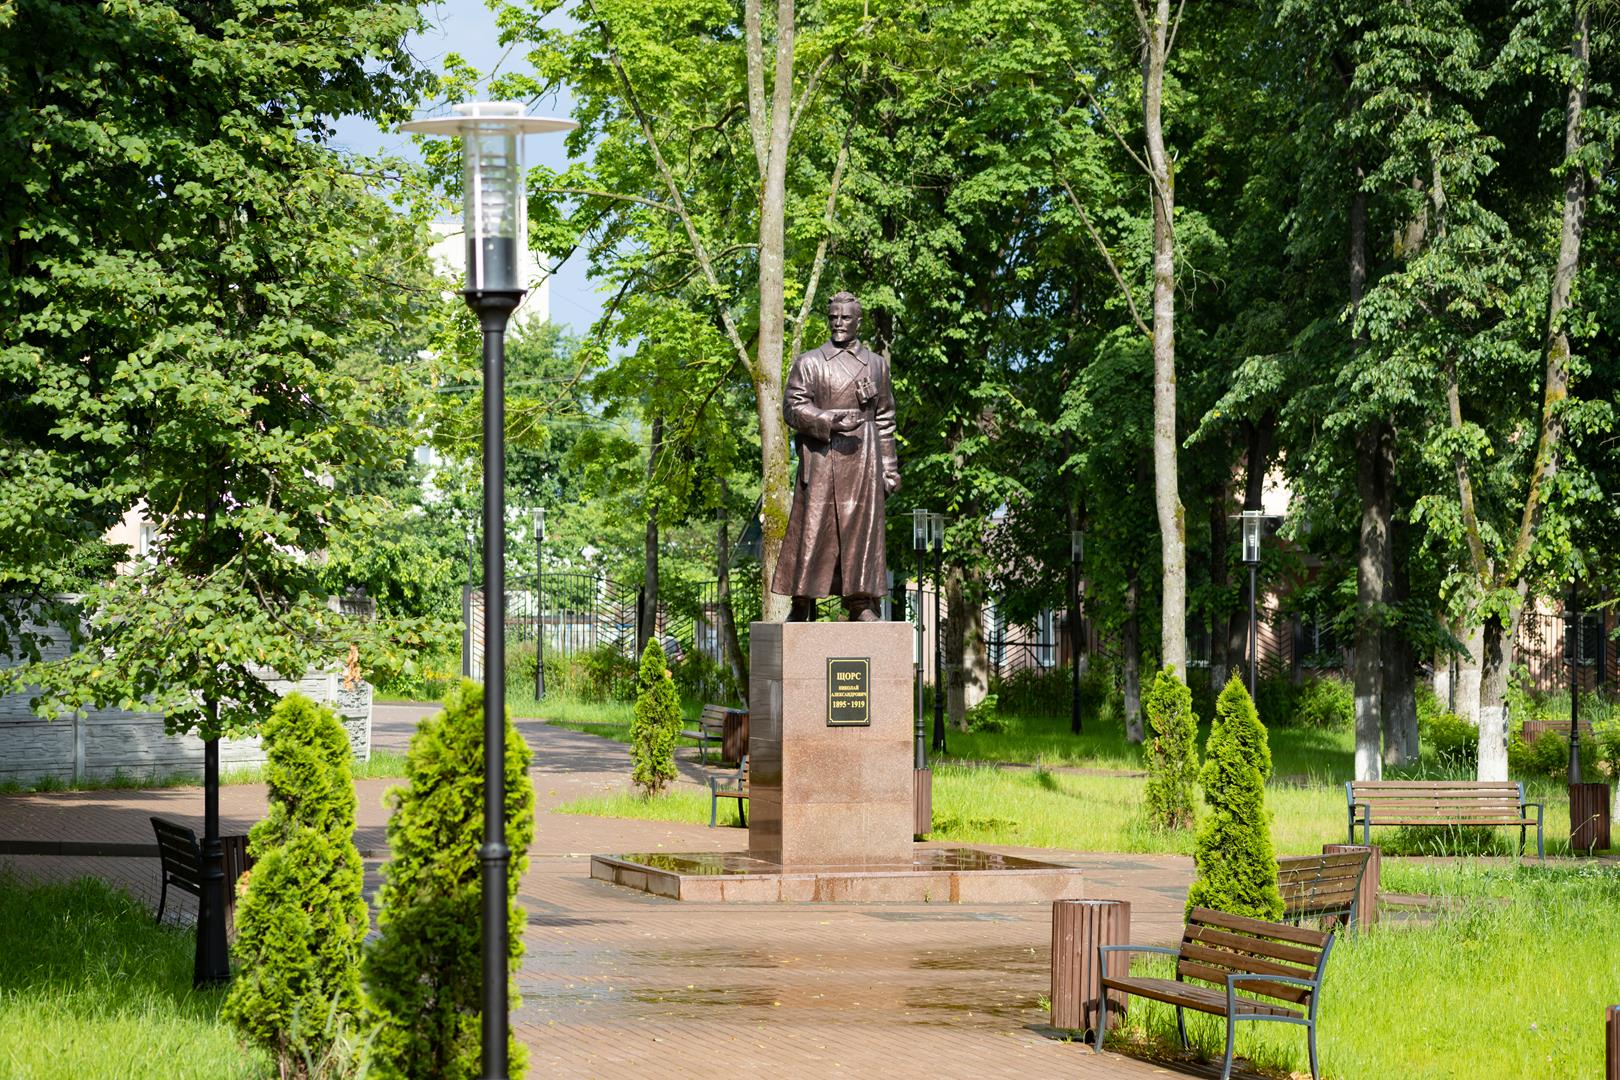 А как вы думаете: правильно ли, что в Клинцах общественную территорию – сквер имени Н.Щорса – в 2019 году благоустроили?